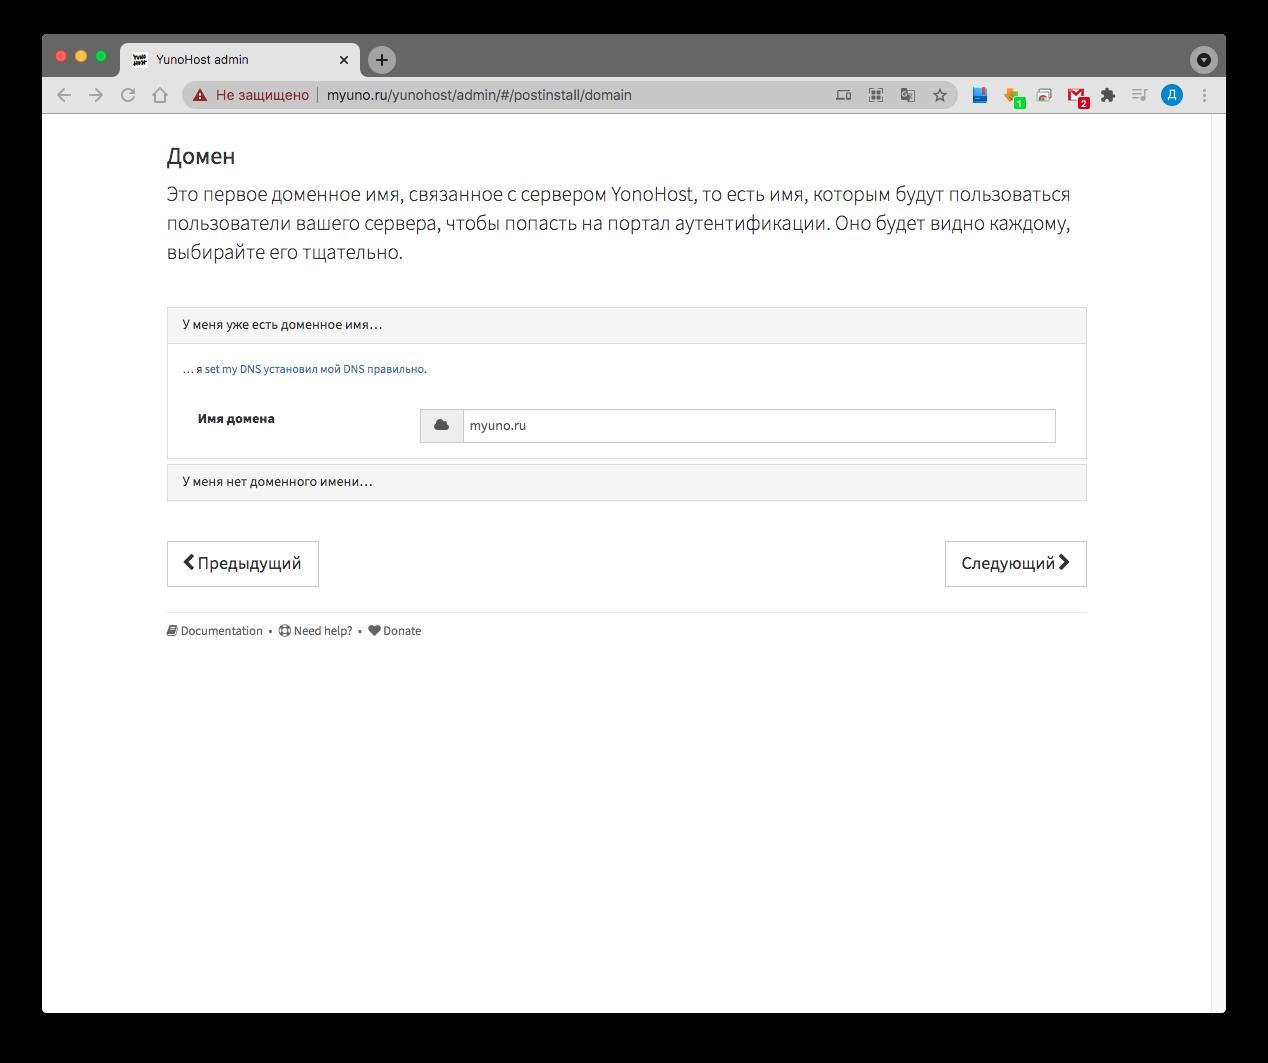 Открытая платформа для своих: как и зачем использовать Yunohost - 8